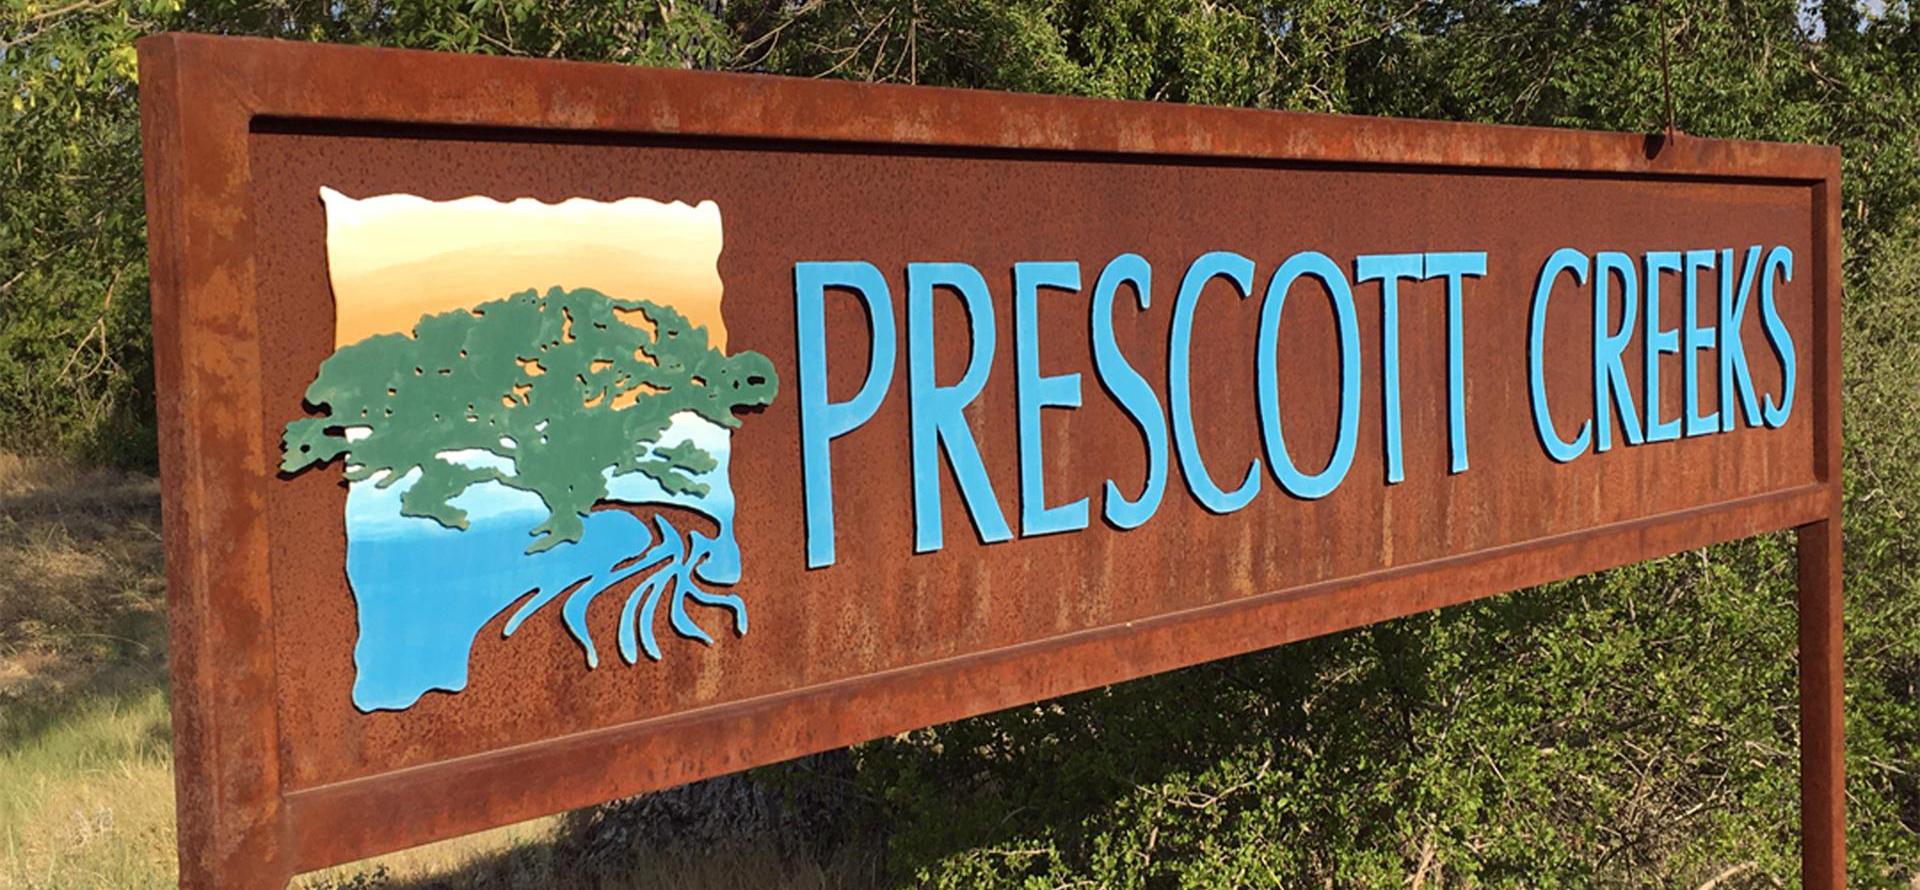 Prescott Creeks Sign